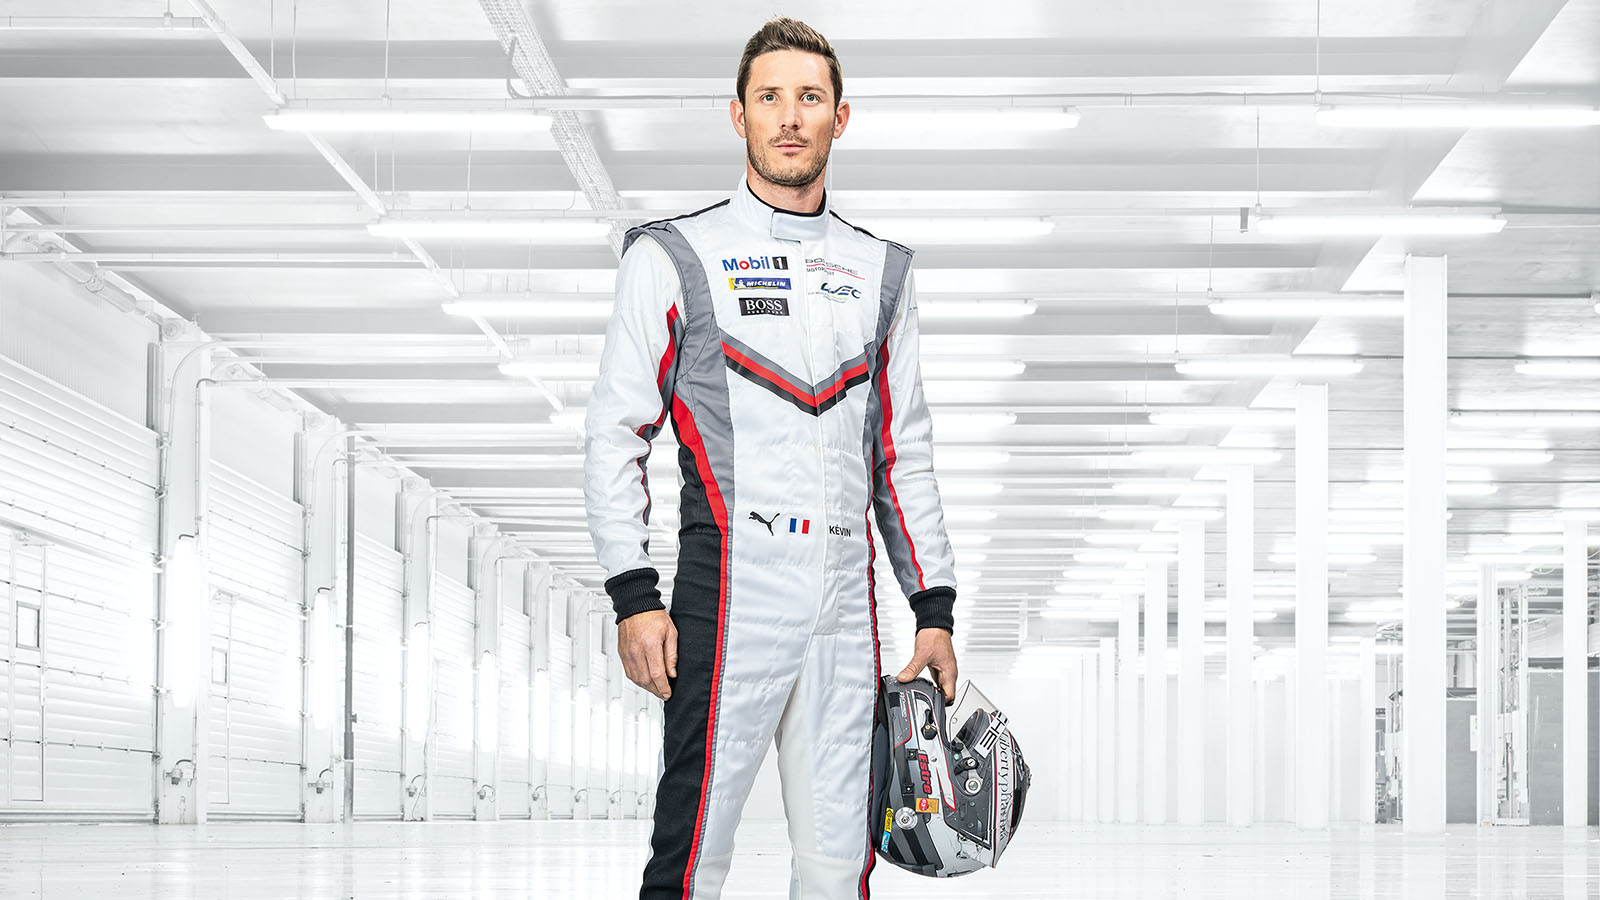 Porsche - Kévin Estre FRA